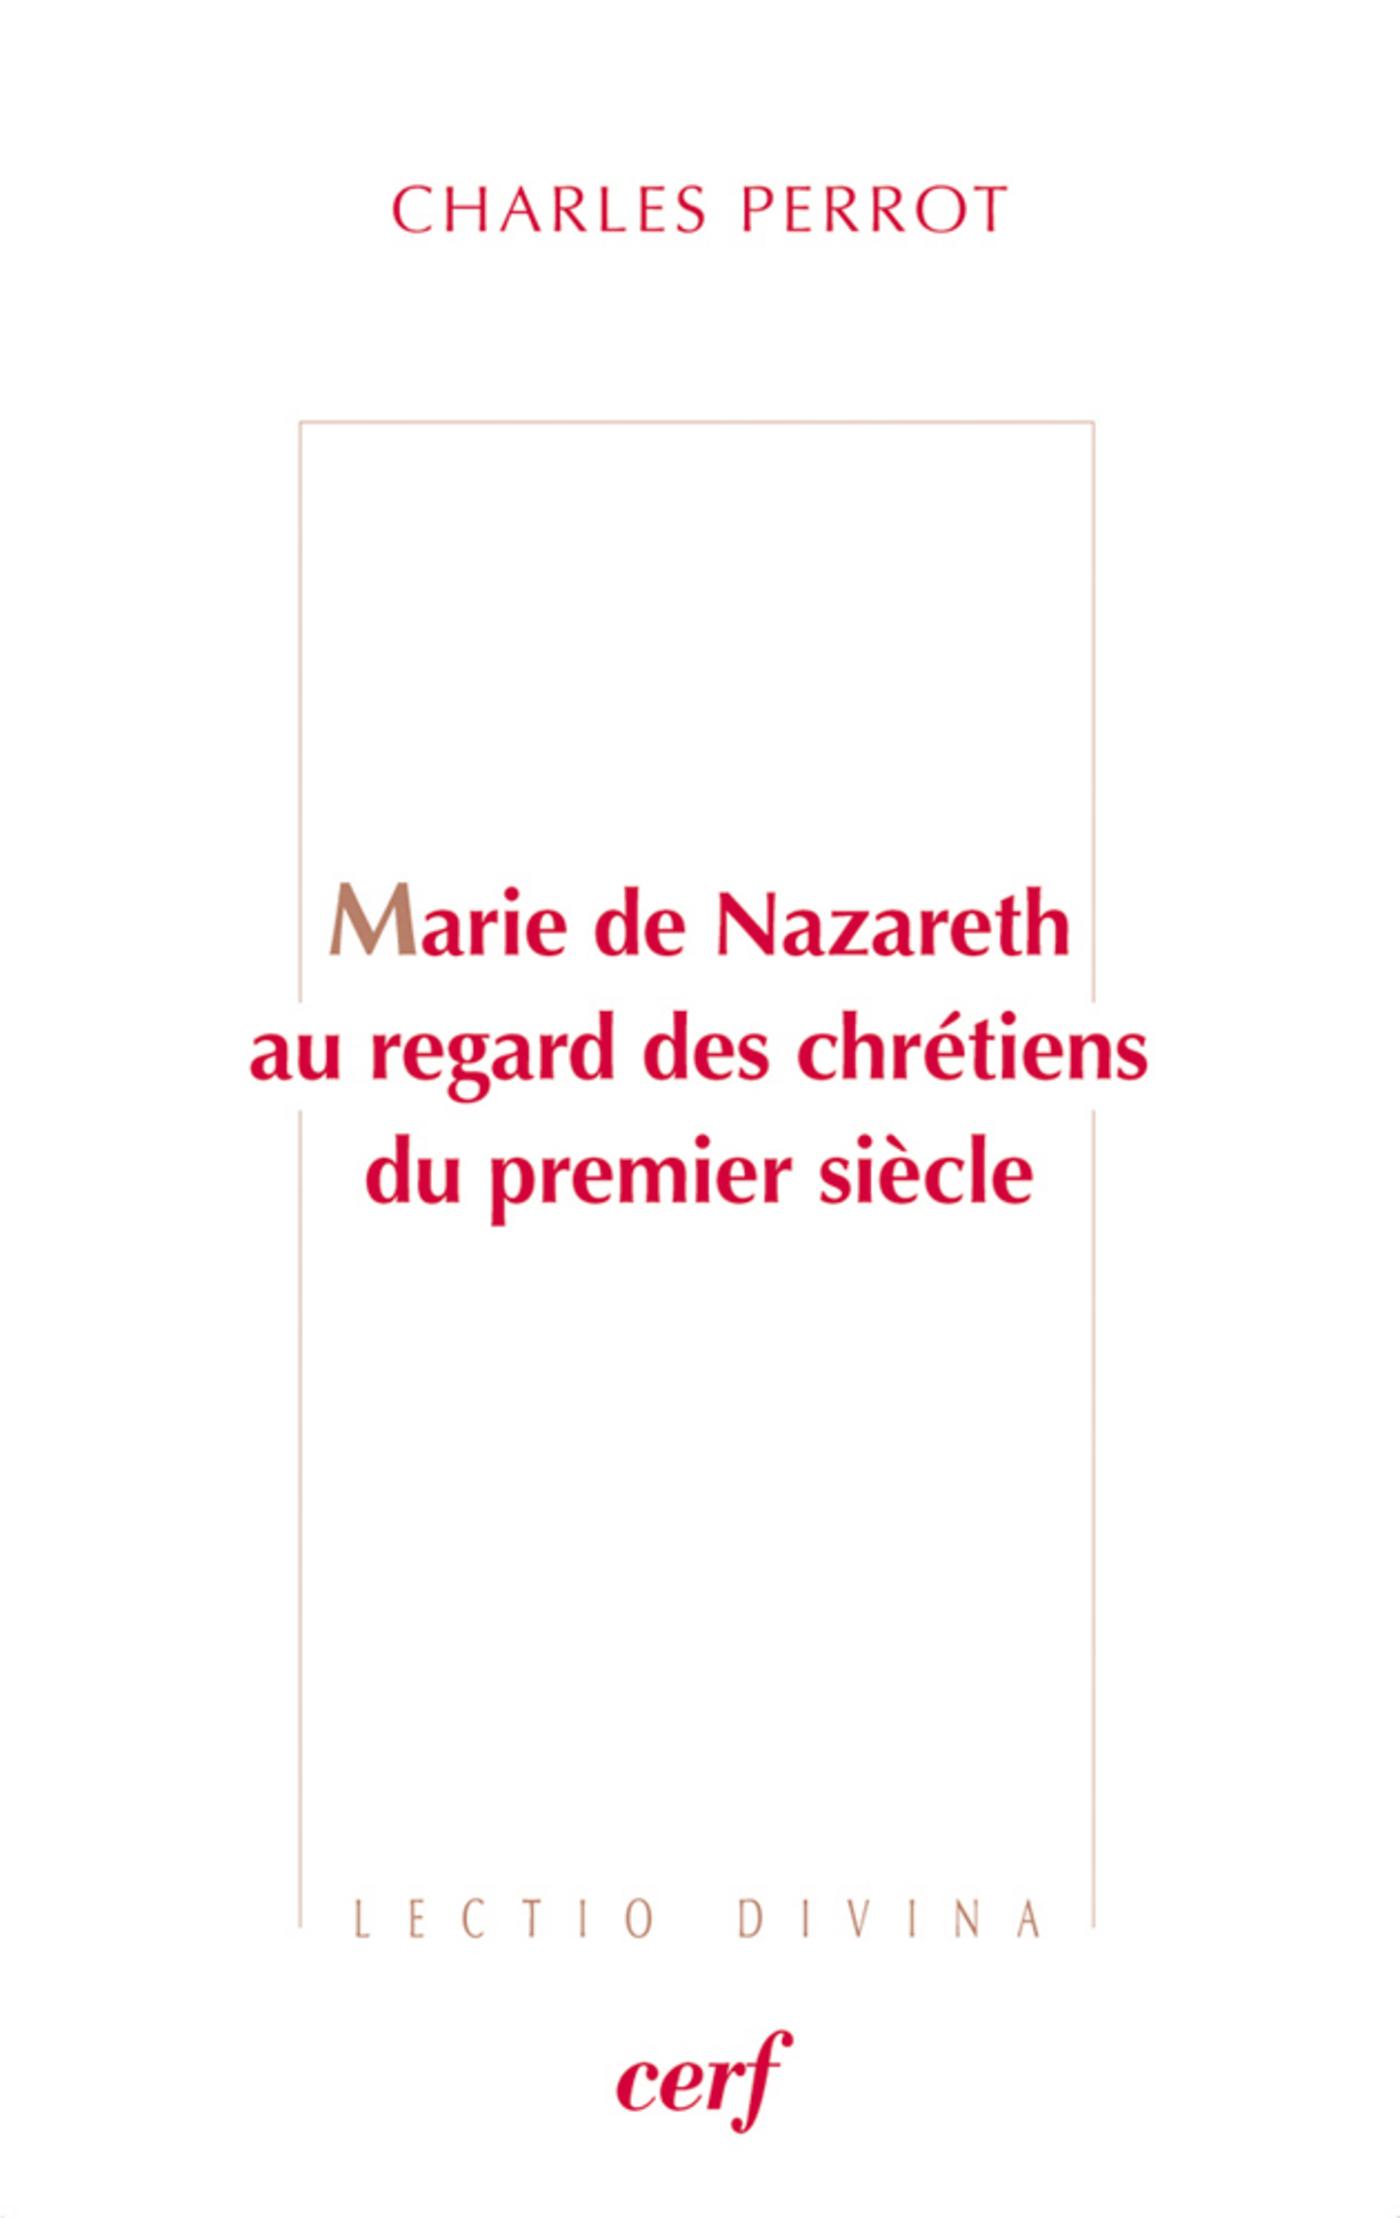 Marie de Nazareth au regard des chrétiens du premier siècle